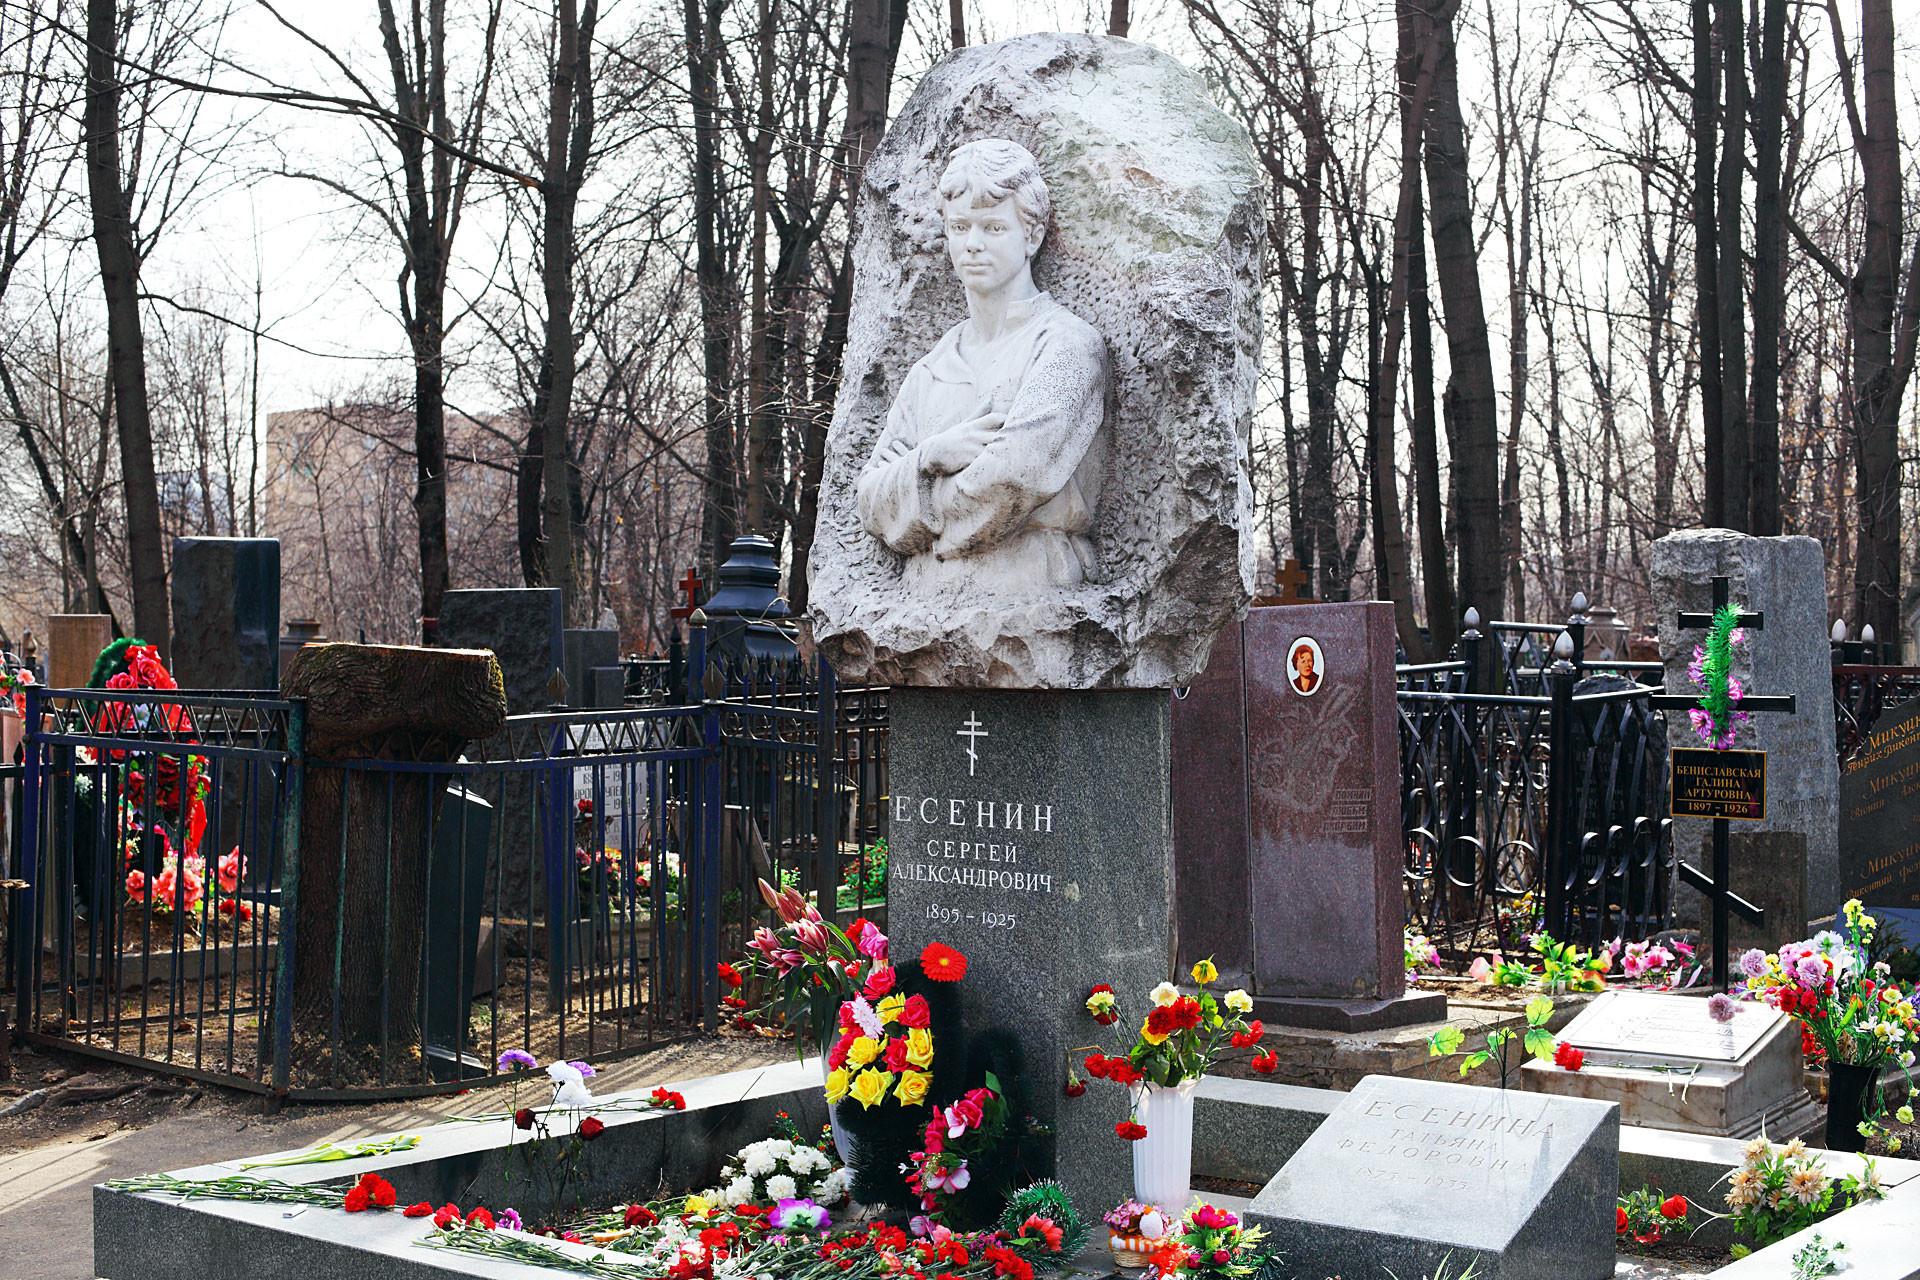 Nisan Sergey Yesenstein di pemakaman Vagankovskoye, Moskow, Rusia. Salib hitam dengan karangan bunga hijau dan ungu di sisi kiri ada di makam Galina Benislavskaya.